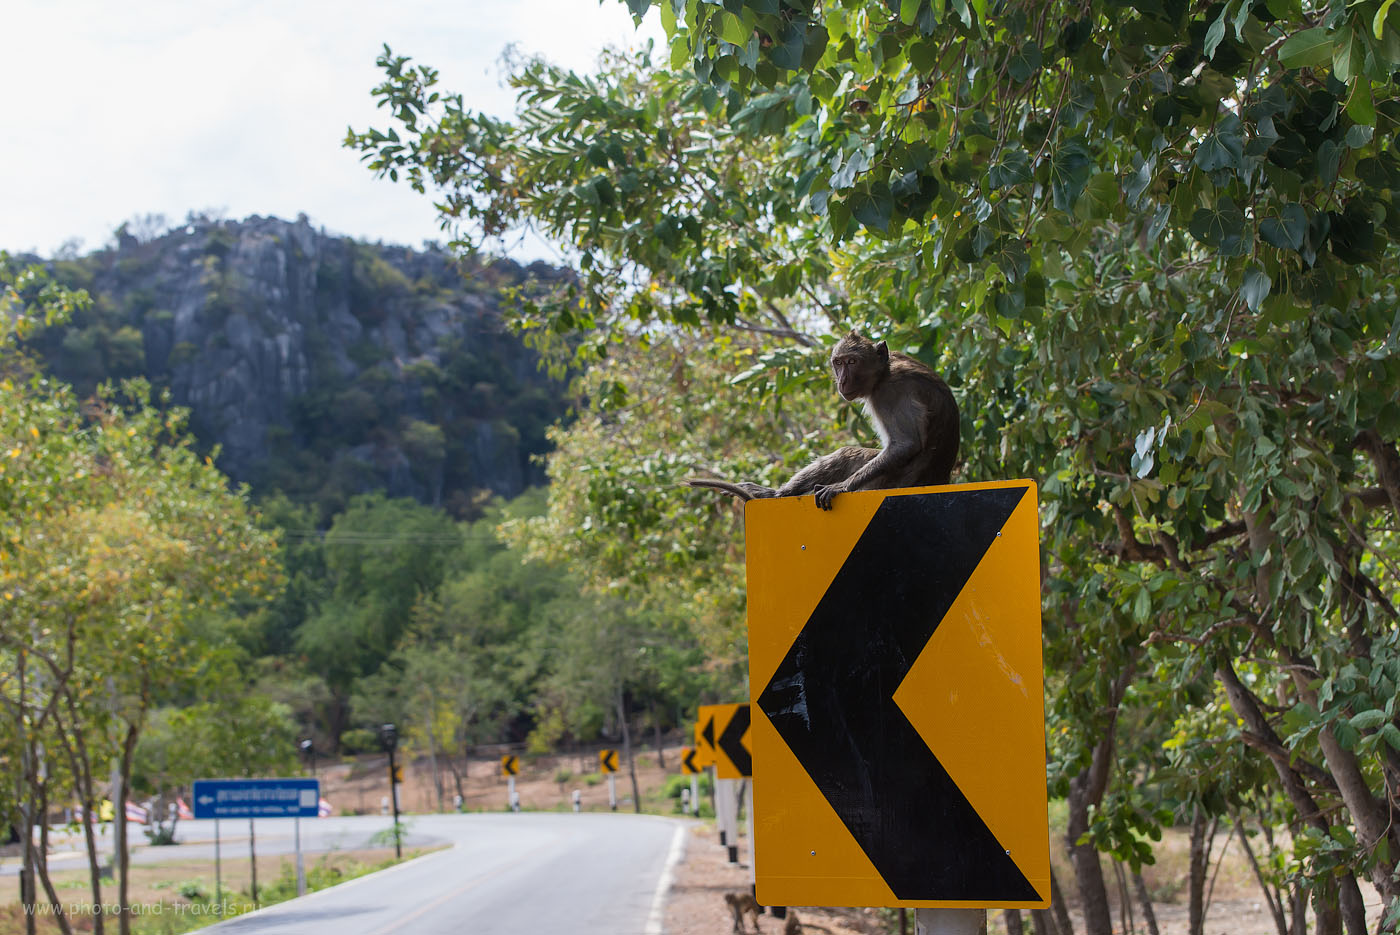 Фото 11. Наш Кинг-Конг. Поездка на автомобиле в национальный парк Кхао Сам Рой Йот, что располагается недалеко от города Хуахина. Центральный Таиланд. (320, 70, 5.6, 1/640, телеобъектив Nikkor 70-300, фотоаппарат Nikon D610)